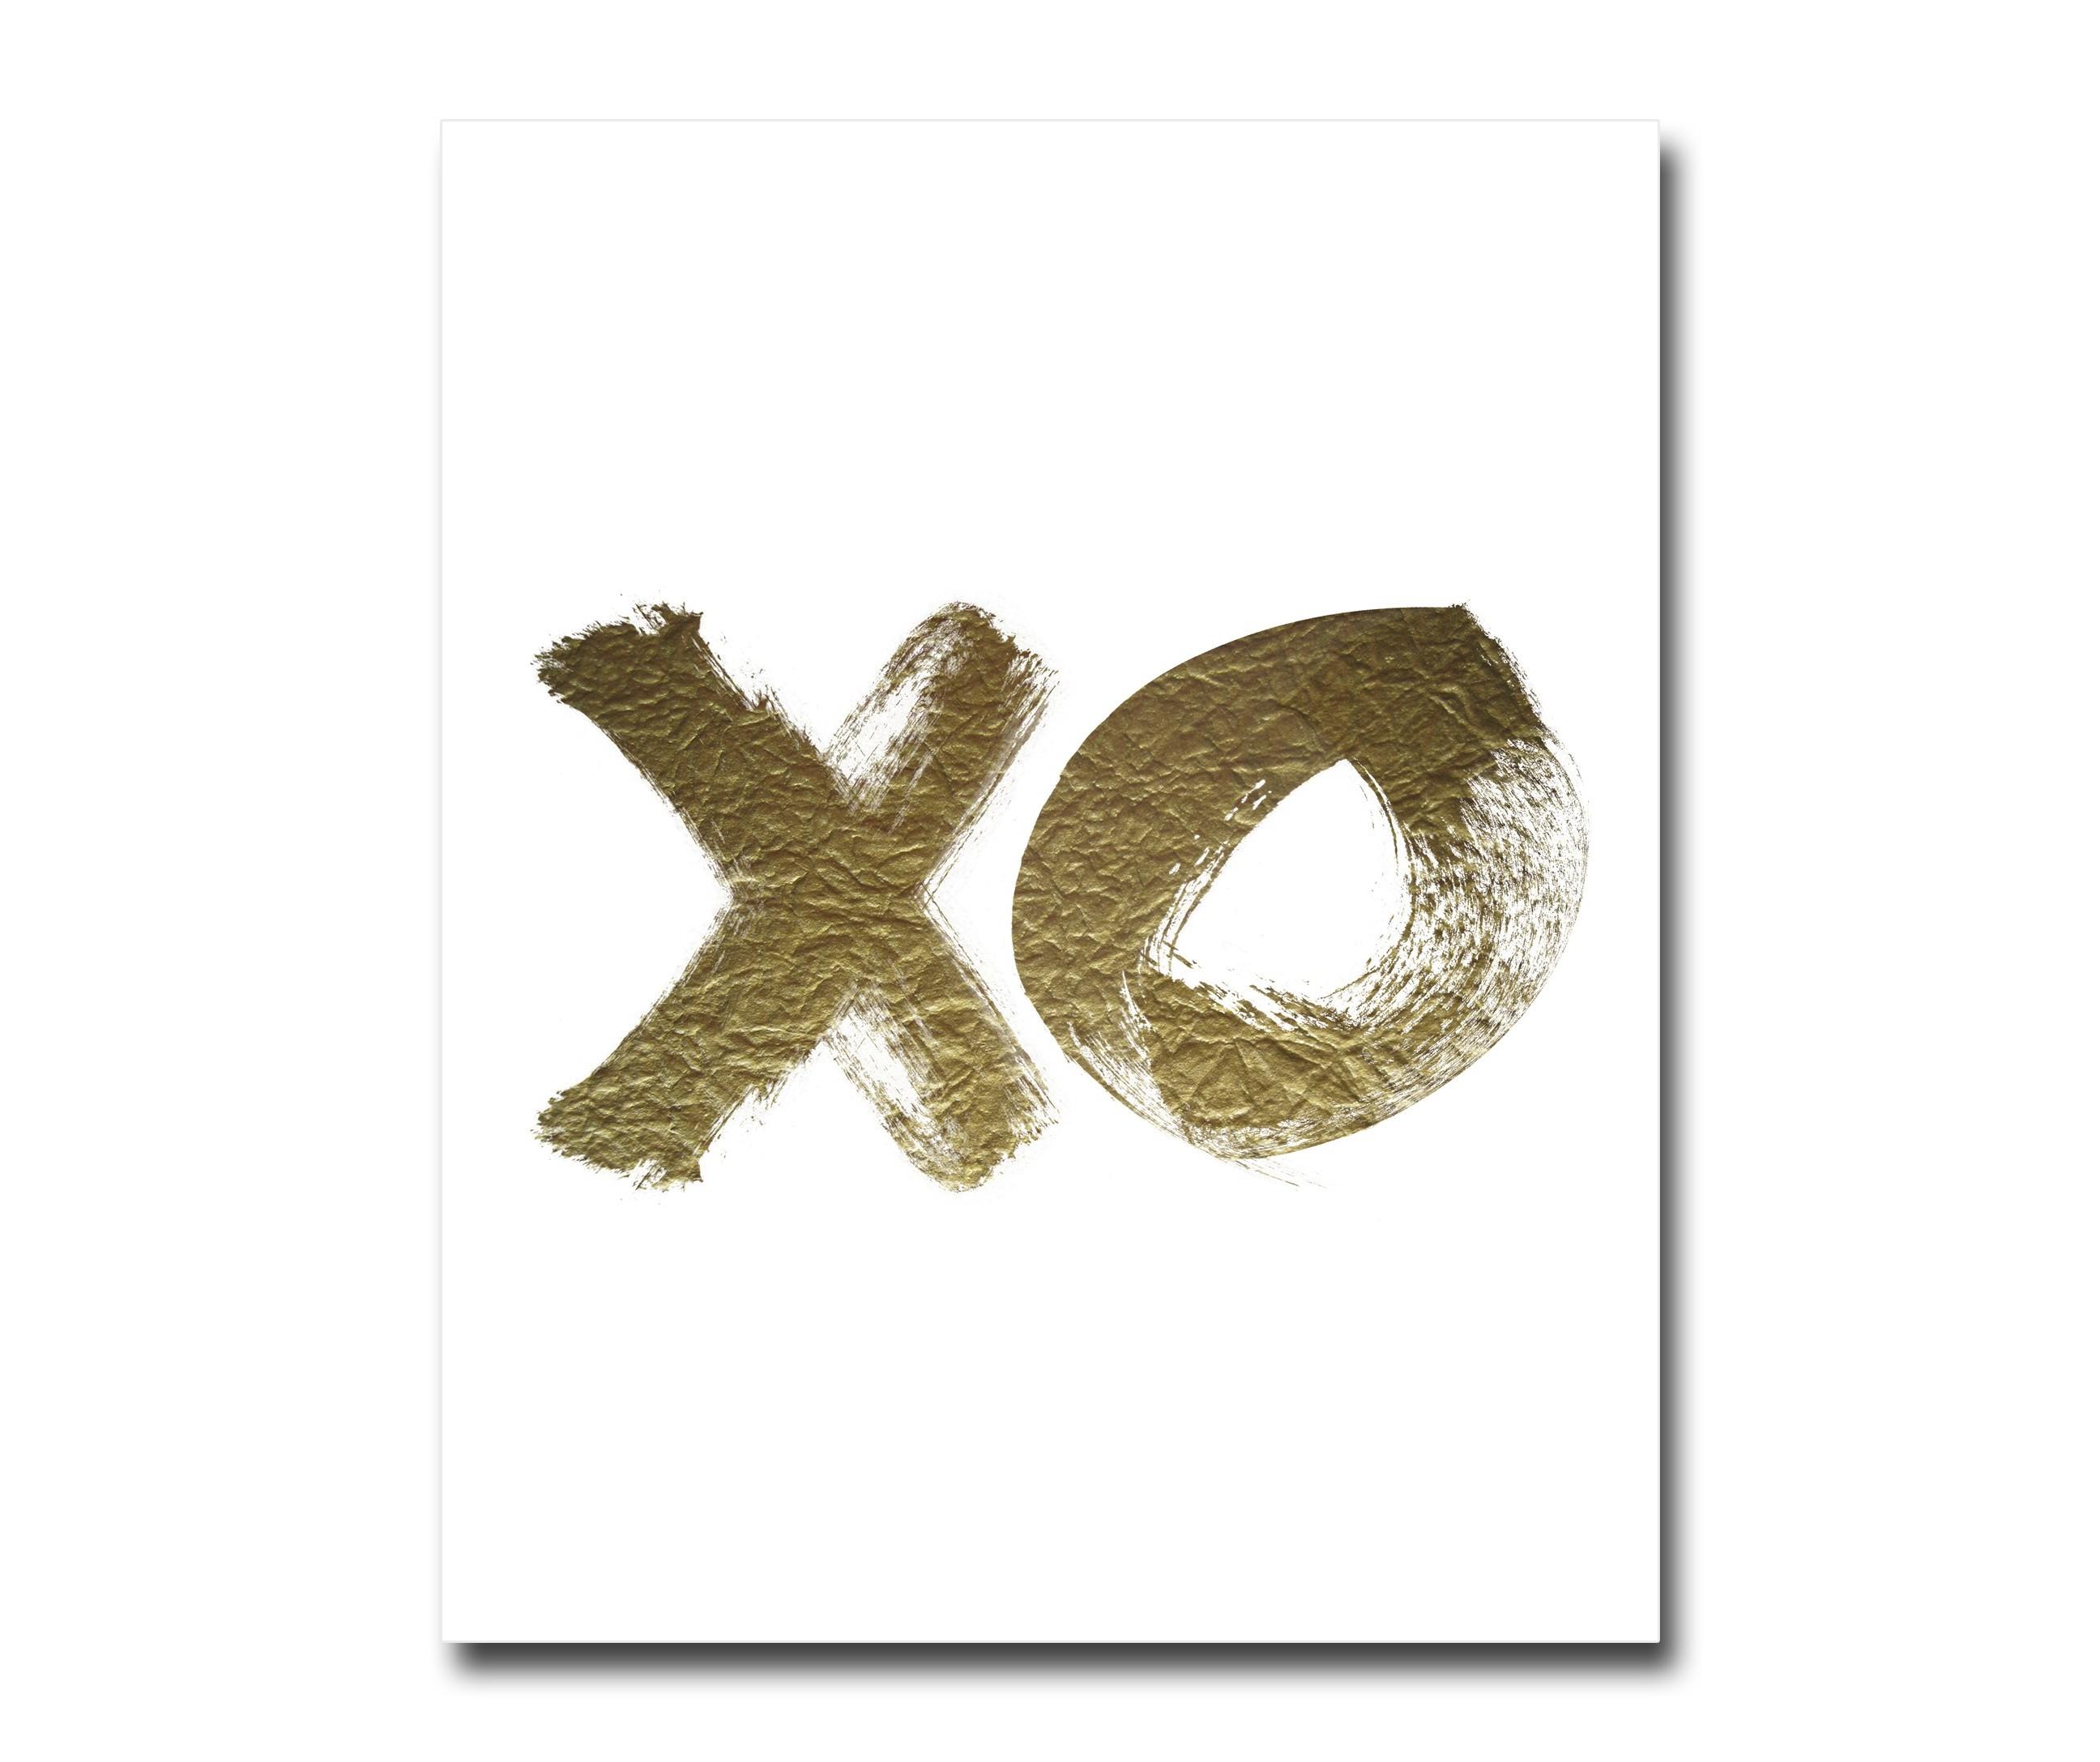 Постер XO A3Постеры<br>Постеры для интерьера сегодня являются одним из самых популярных украшений для дома. Они играют декоративную роль и заключают в себе определённый образ, который будет отражать вашу индивидуальность и создавать атмосферу в помещении. При этом их основная цель — отображение стиля и вкуса хозяина квартиры. При этом стиль интерьера не имеет значения, они прекрасно будут смотреться в любом. С ними дизайн вашего интерьера станет по-настоящему эксклюзивным и уникальным, и можете быть уверены, что такой декор вы не увидите больше нигде. А ваши гости будут восхищаться тонким вкусом хозяина дома.&amp;amp;nbsp;&amp;lt;div&amp;gt;&amp;lt;br&amp;gt;&amp;lt;/div&amp;gt;&amp;lt;div&amp;gt;Размер А3 (297x420 мм).&amp;amp;nbsp;&amp;lt;/div&amp;gt;&amp;lt;div&amp;gt;Рамки белого, черного, серебряного, золотого цветов. Выбирайте!&amp;lt;/div&amp;gt;<br><br>Material: Бумага<br>Width см: 30<br>Depth см: 0,1<br>Height см: 40